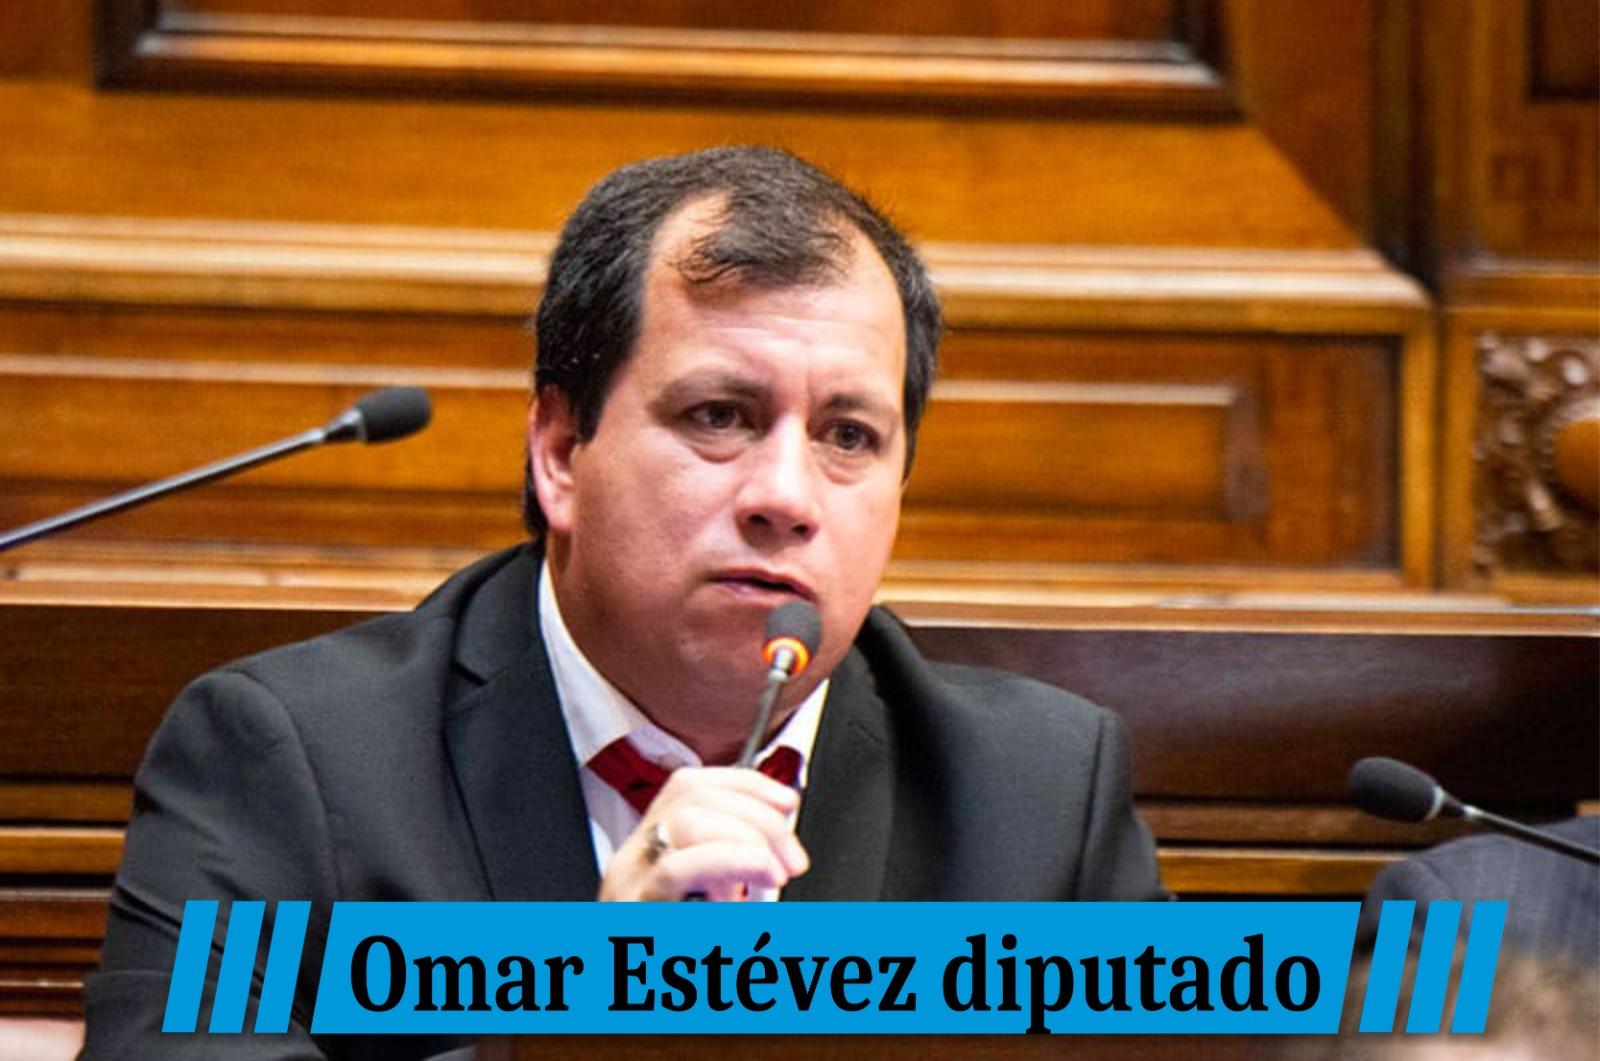 Omar Estevez | Diputado